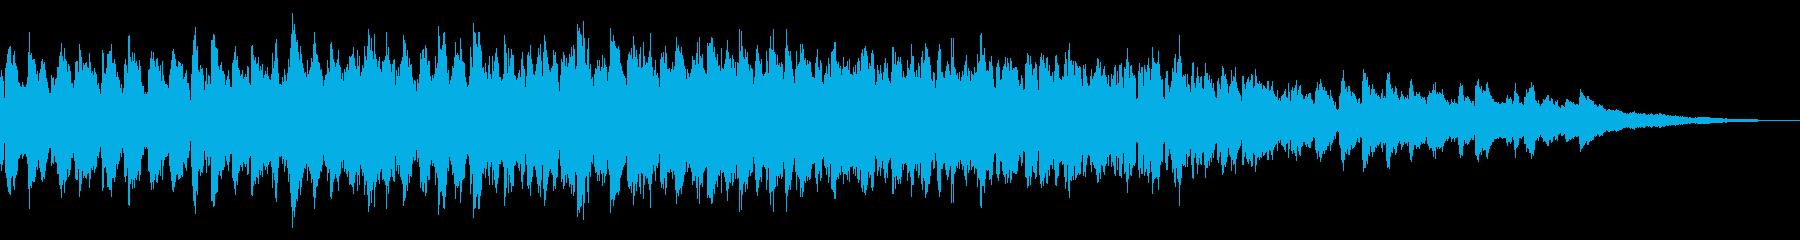 メルトン教会、4つの鐘:鐘の音が鳴り響くの再生済みの波形